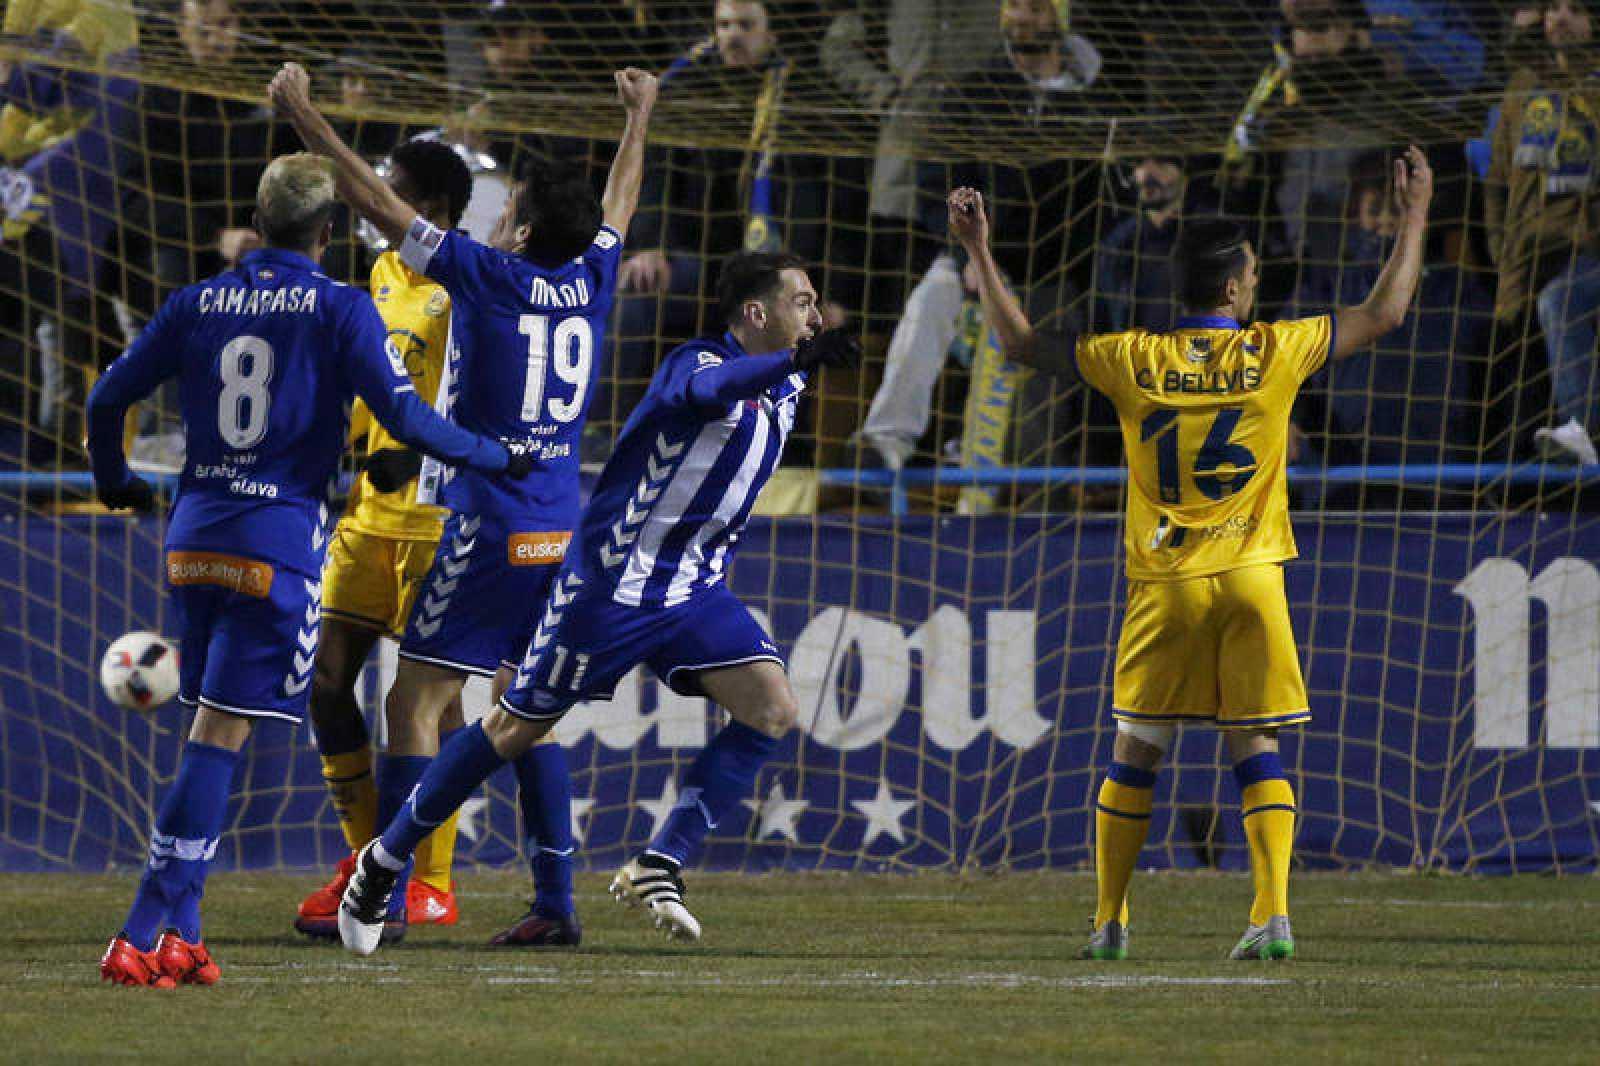 Los jugadores del Deportivo Alavés celebran el gol del delantero Ibai Gómez.